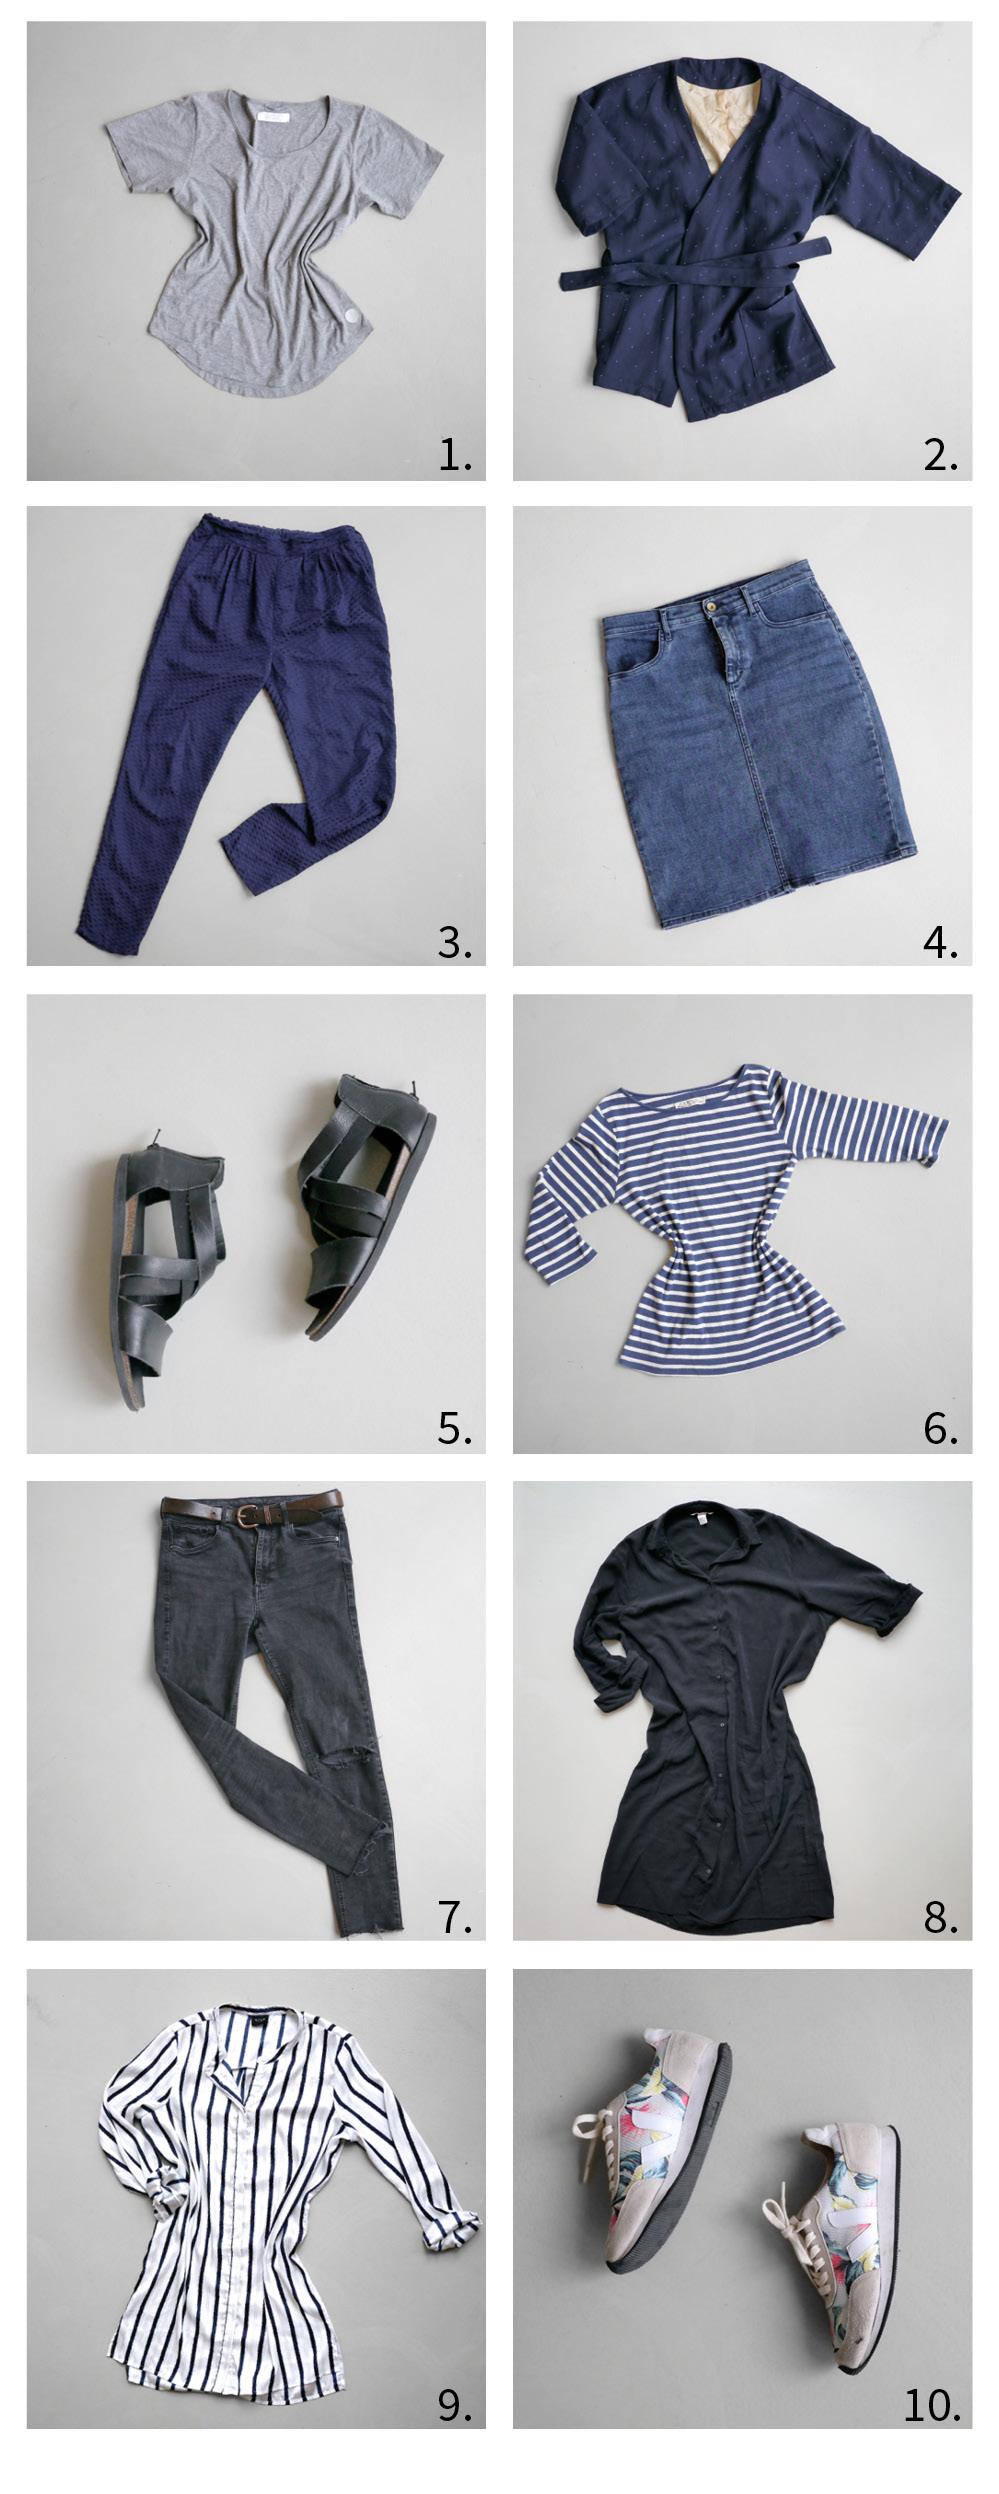 10x10 bedremode challenge 10 items